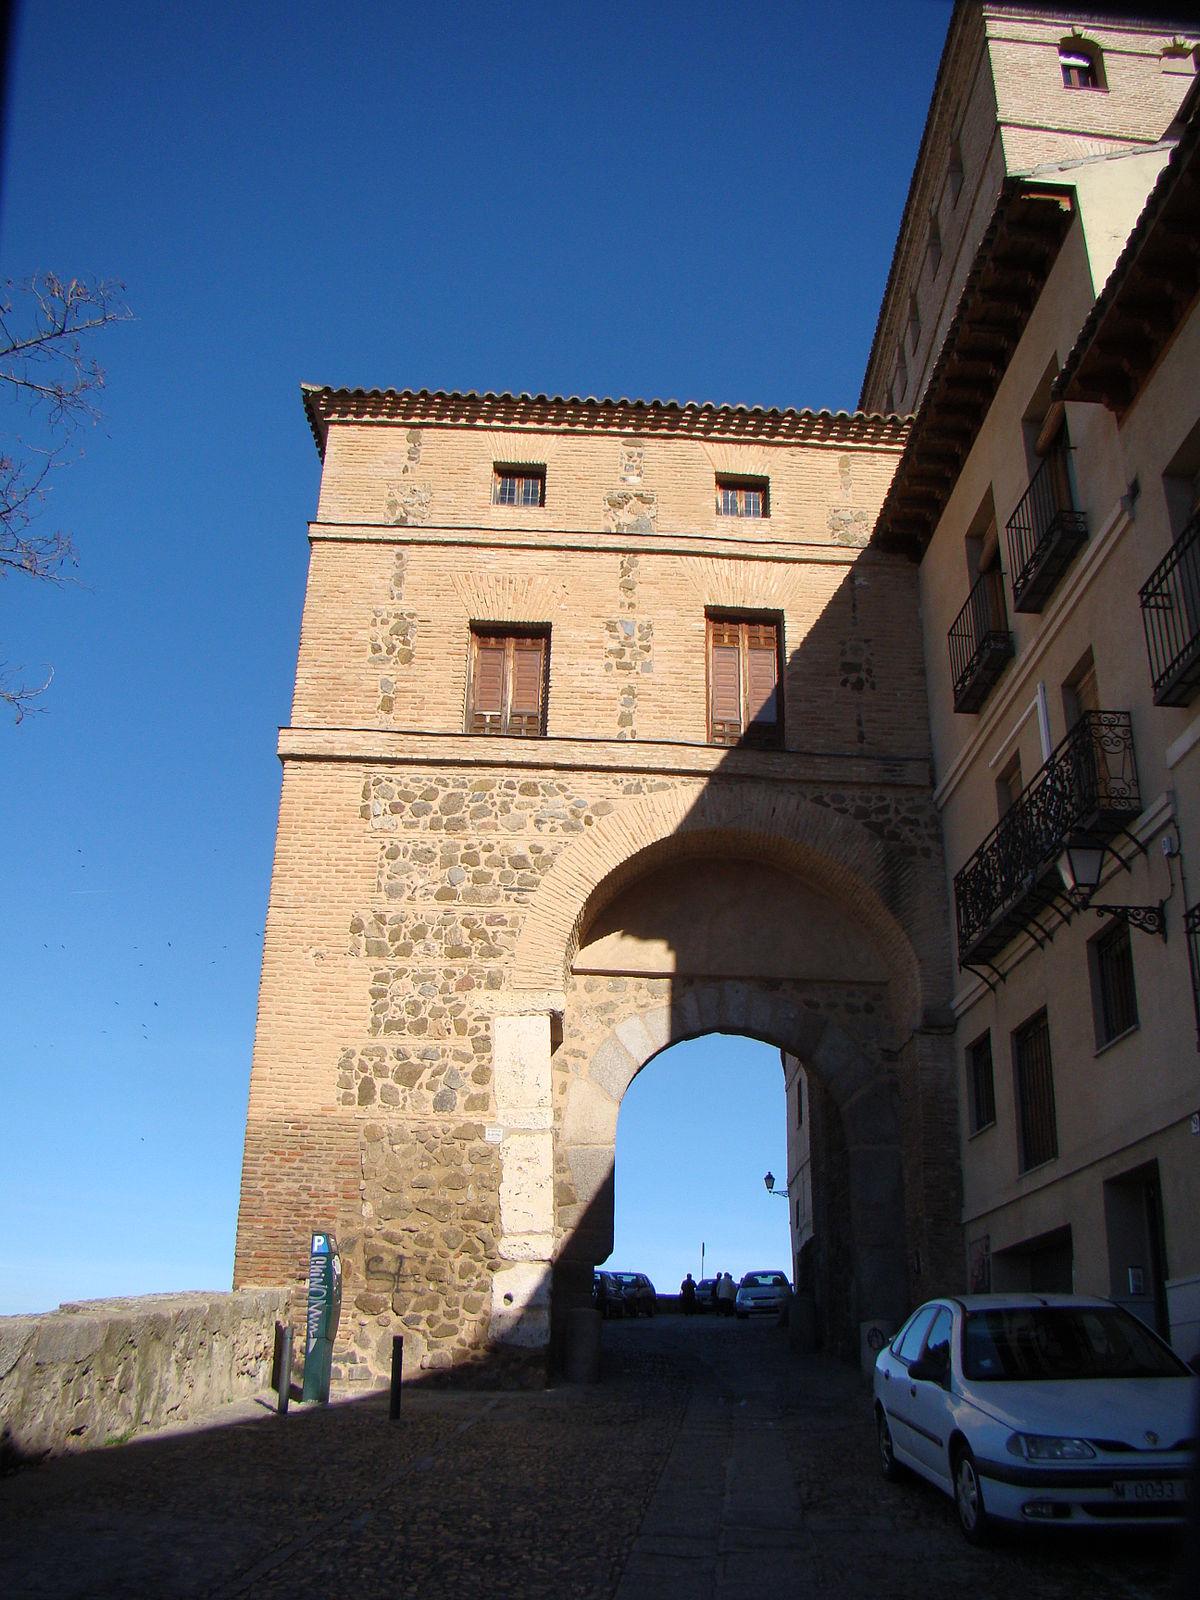 Puerta de alarcones wikipedia la enciclopedia libre for Shoko puerta de toledo